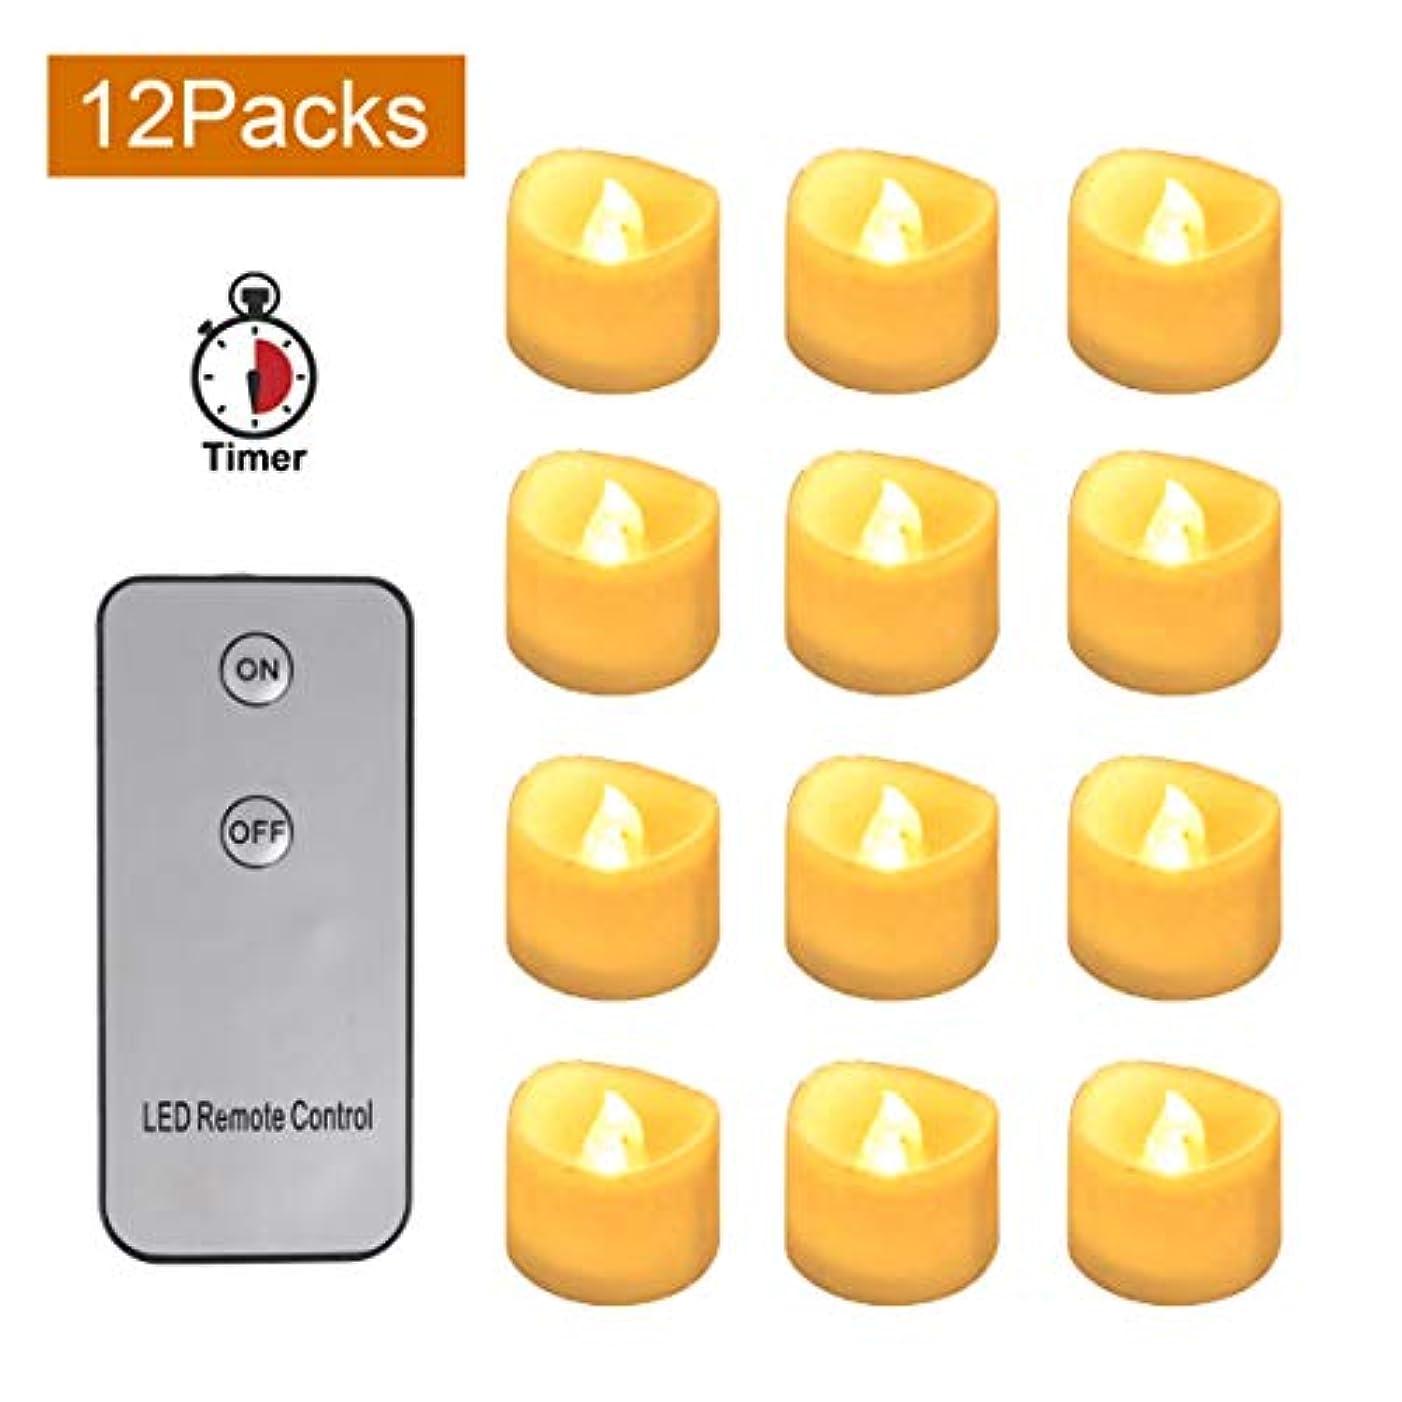 戦術歯科医奨学金CoolEnding Flameless Candles Battery Operated LED Tealight Flickering Electric Candles,Perfect for Wedding and Home Decor 141[並行輸入]